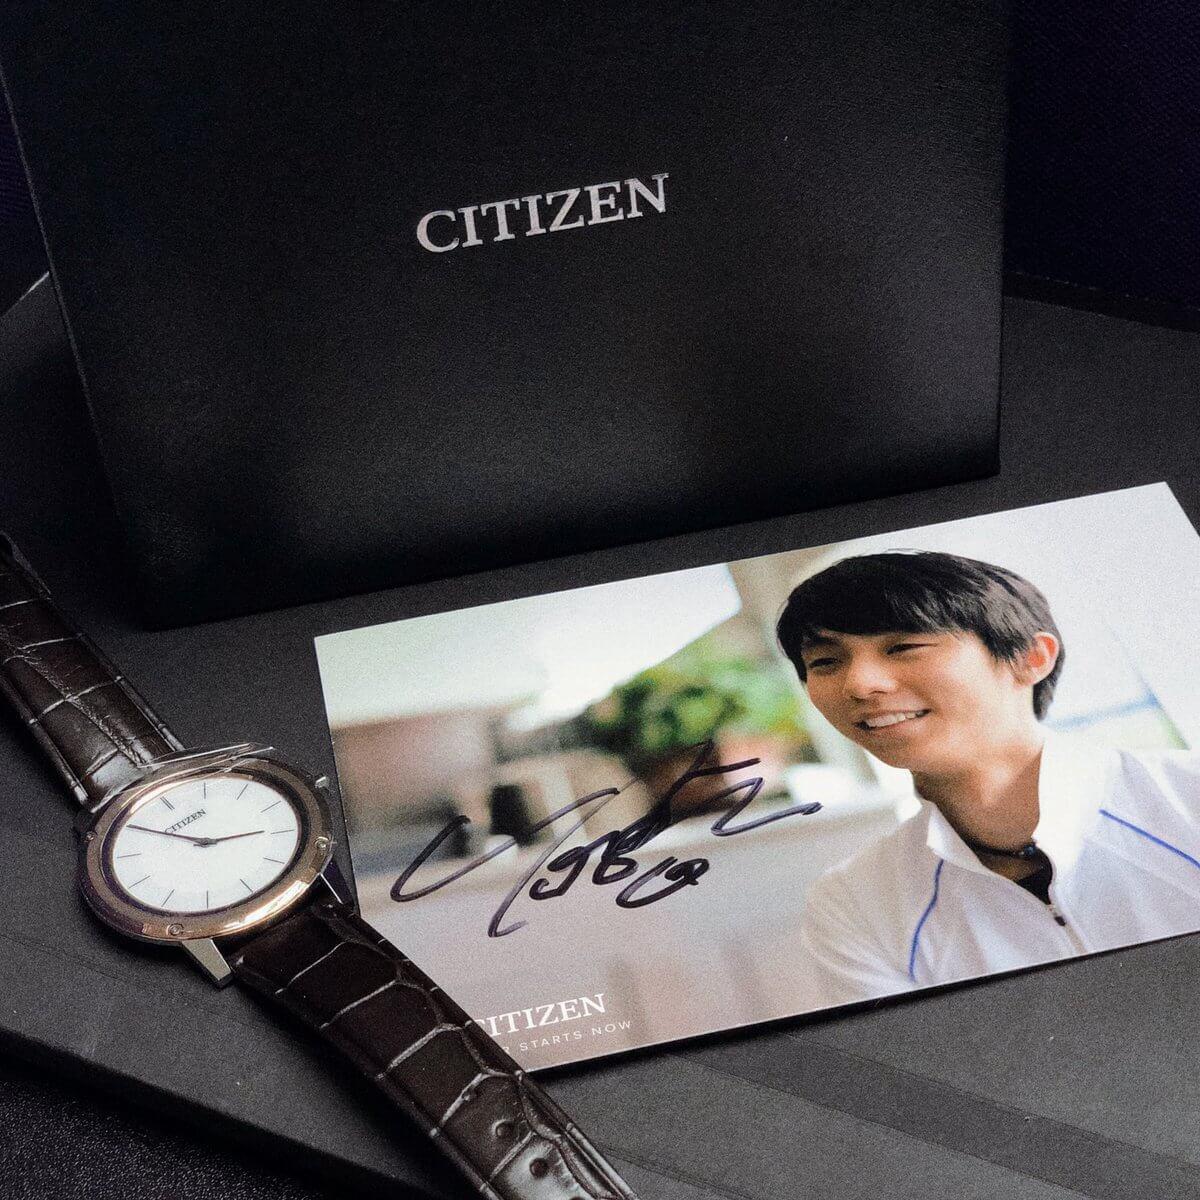 CITIZEN腕時計……羽生結弦のサインにオマケで時計がついてくる!?www